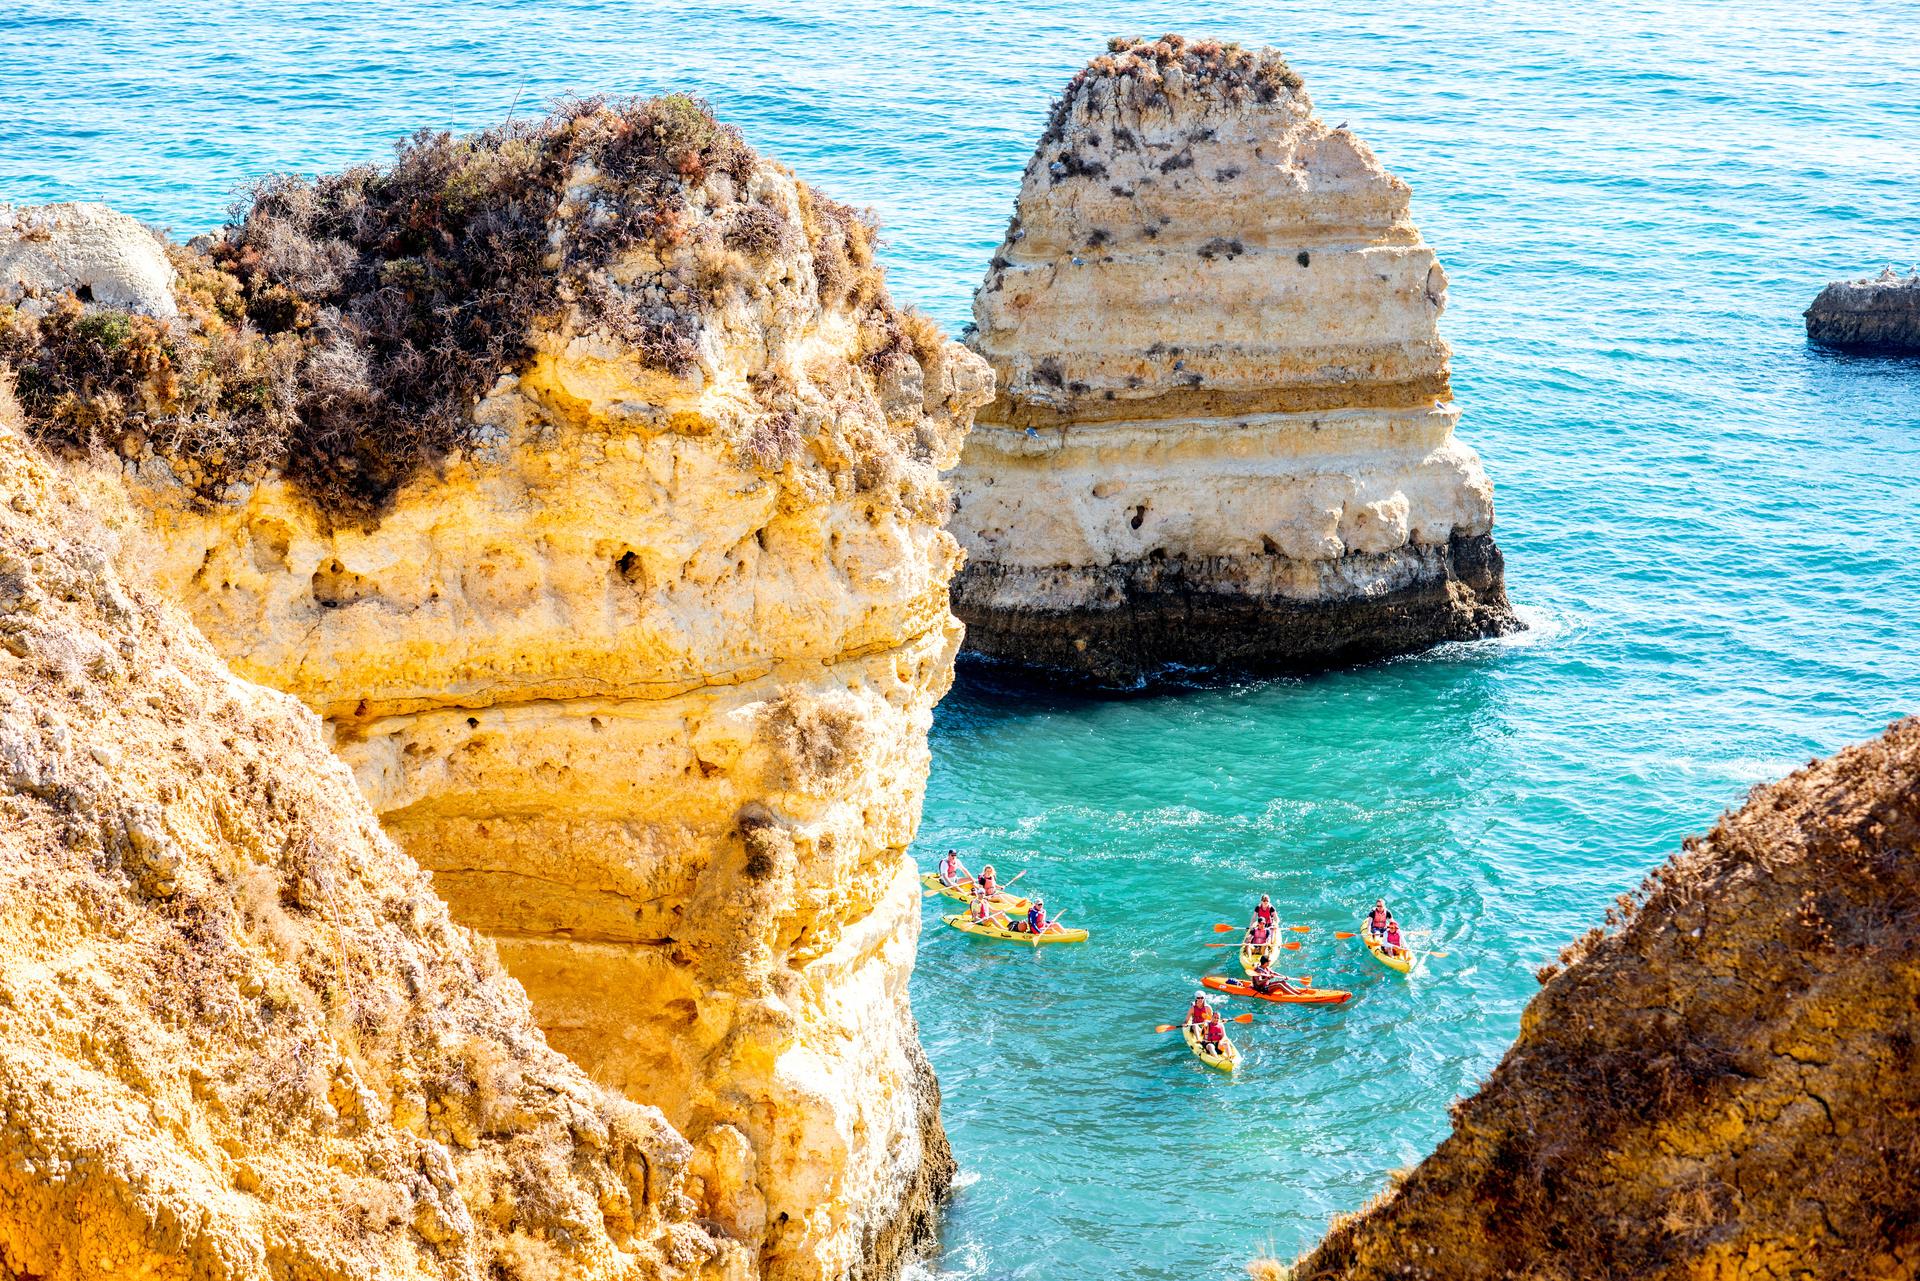 Rotsachtige kustlijn bij Ponta da Piedade met mensen kajaks, vlakbij de stad Lagos, Algarve, Portugal